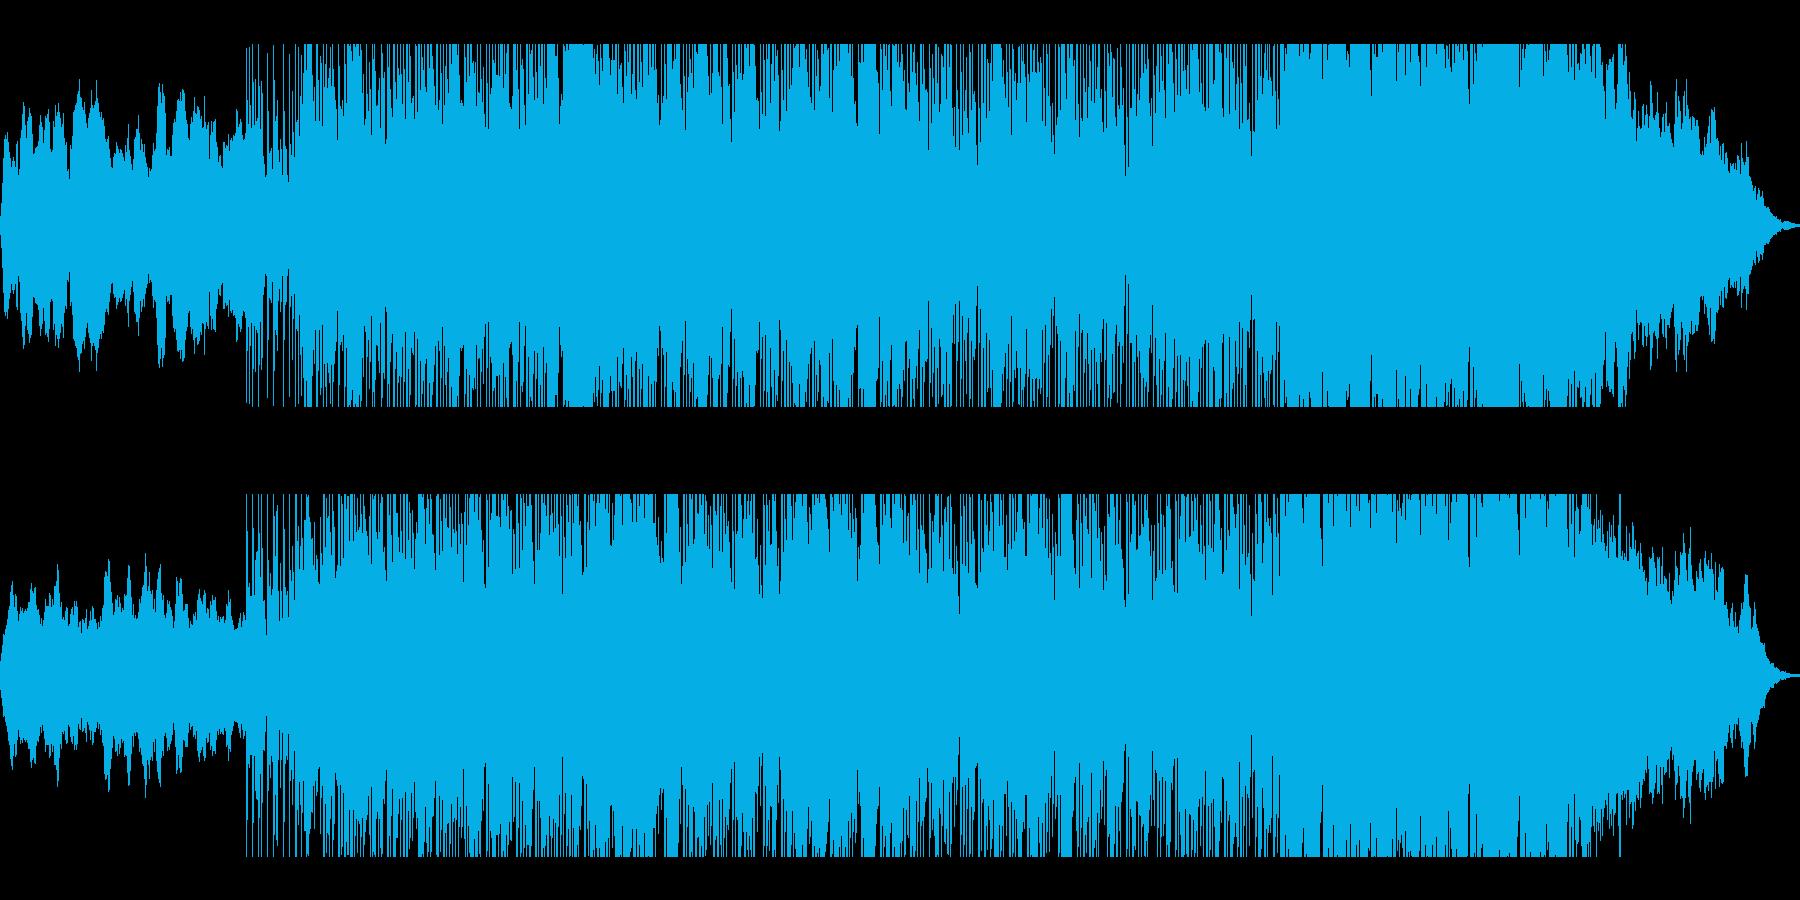 和の雰囲気が漂うバトル系のBGMの再生済みの波形